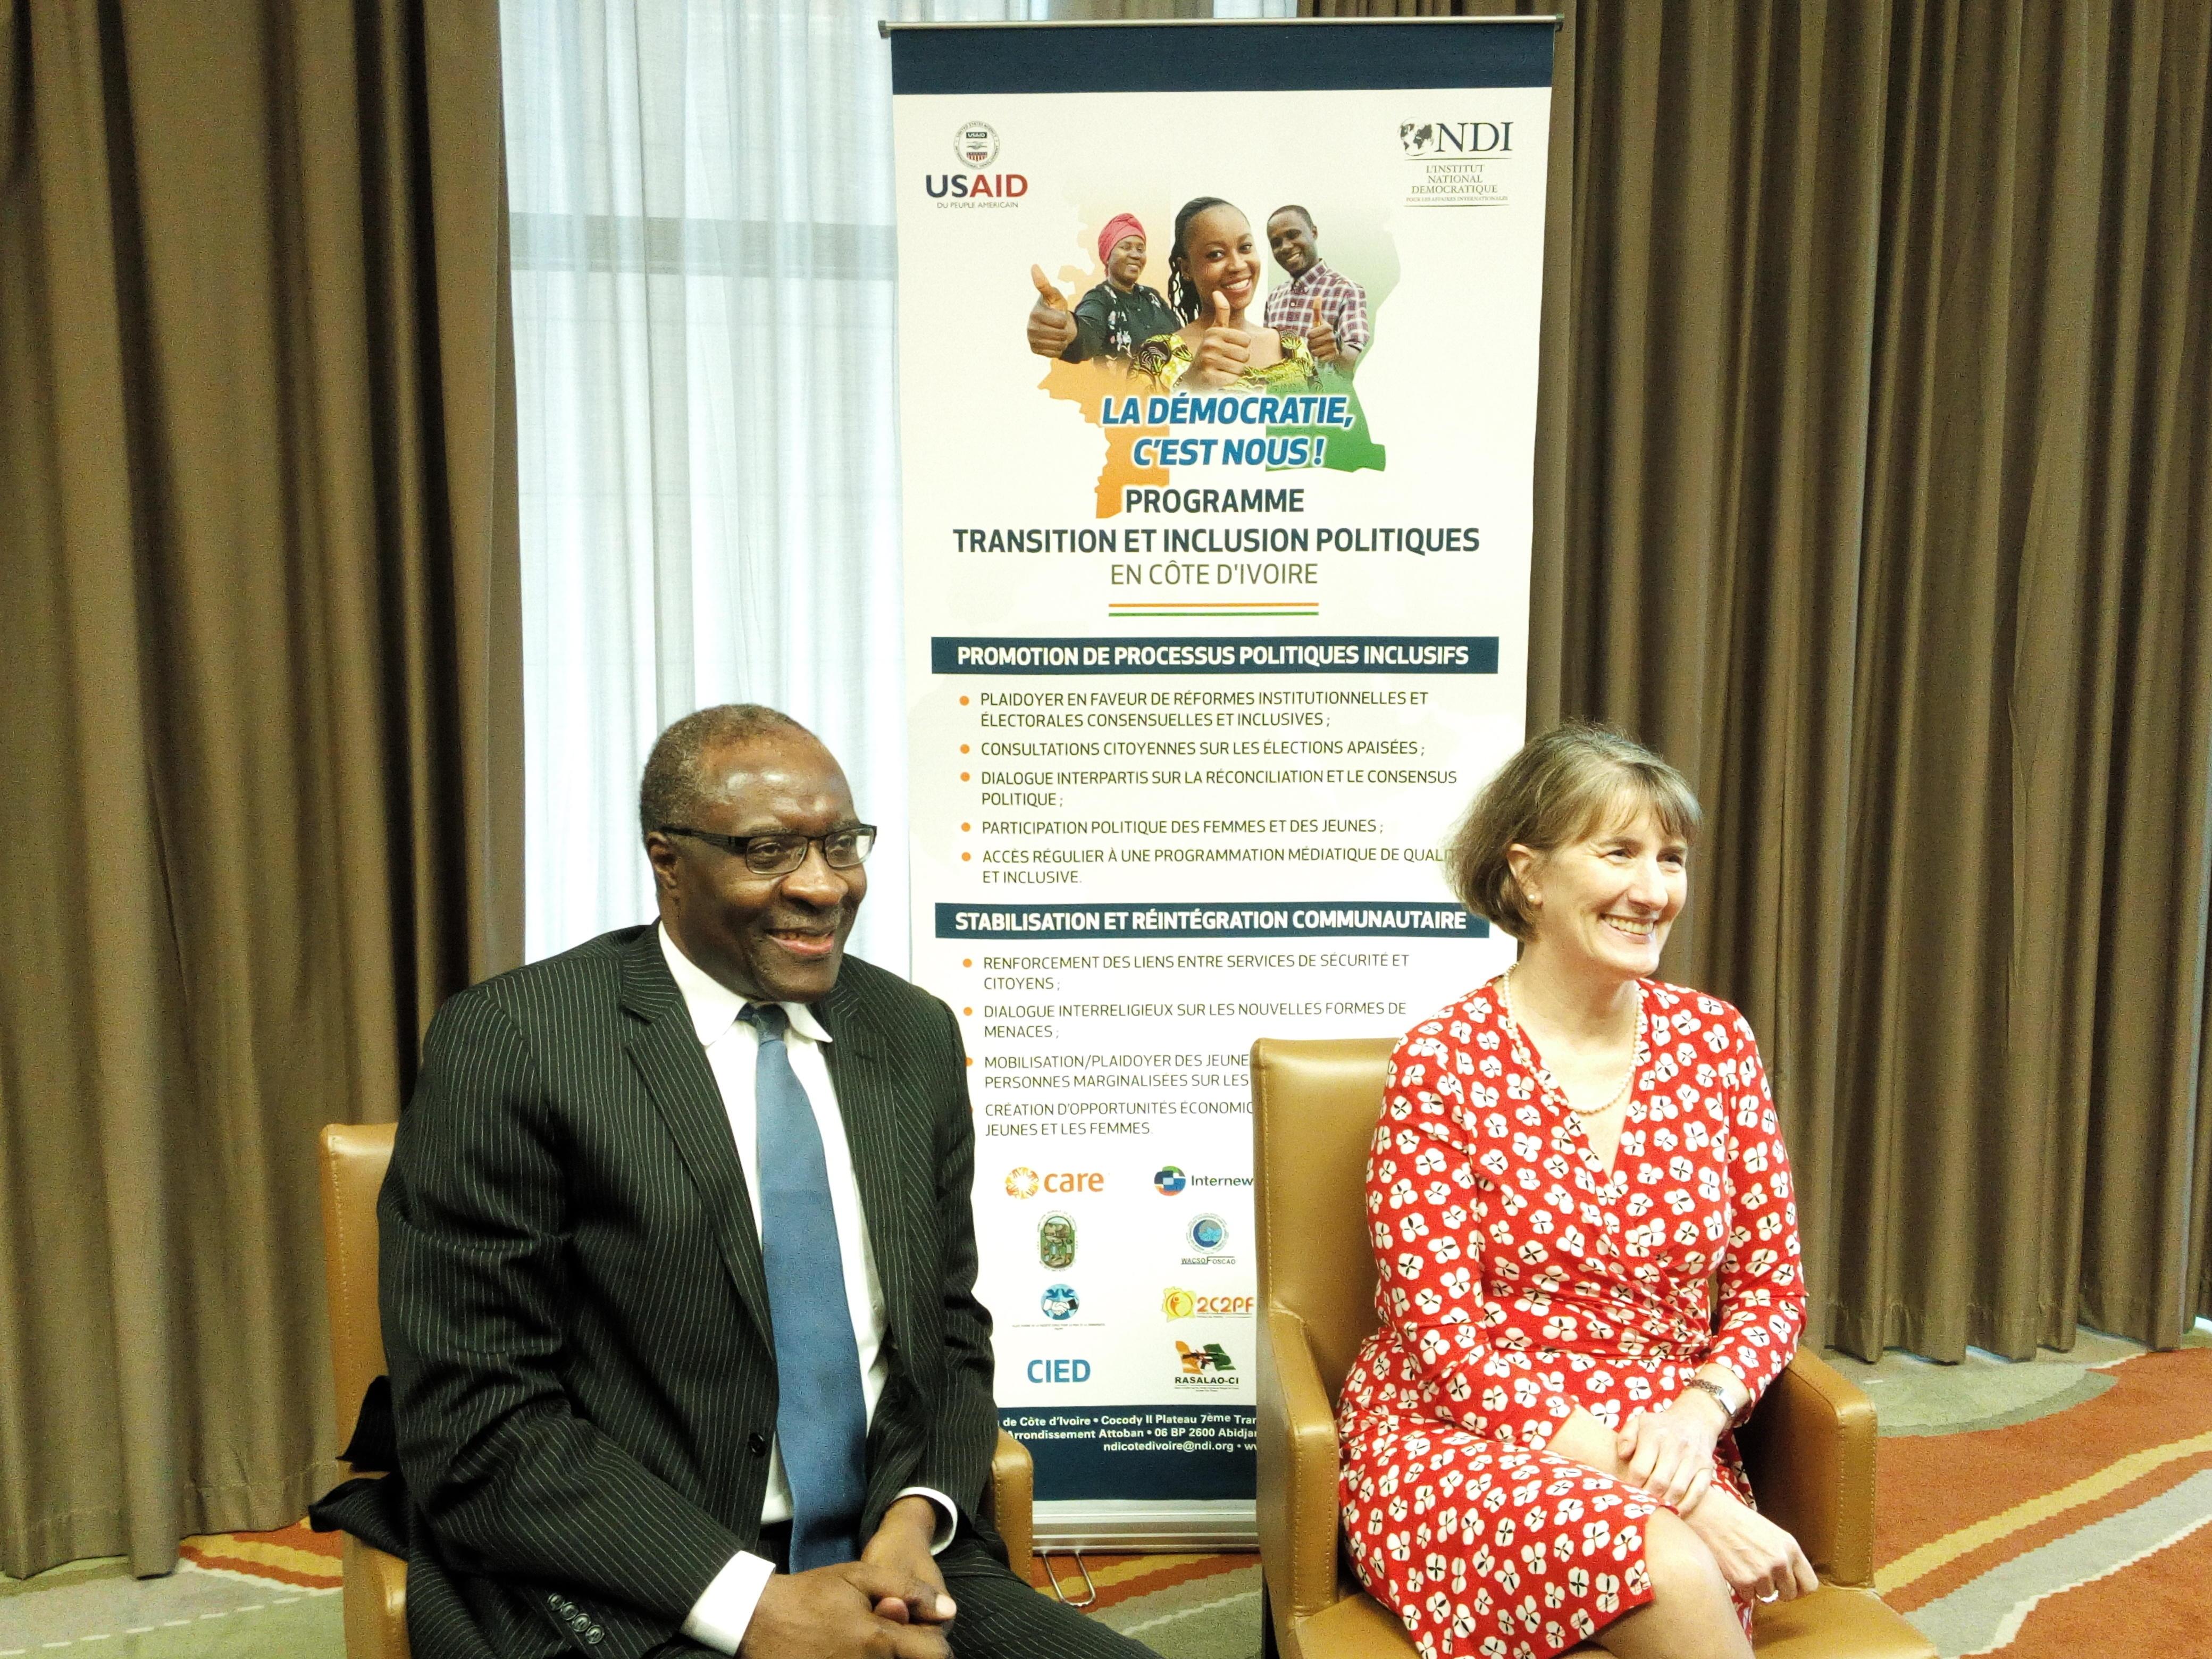 Chris Fomonyoh, directeur régional Afrique de NDI (à gauche) et Katherine Brucker, la Chargée d'Affaires de l'ambassade des Etats-Unis en Côte d'Ivoire